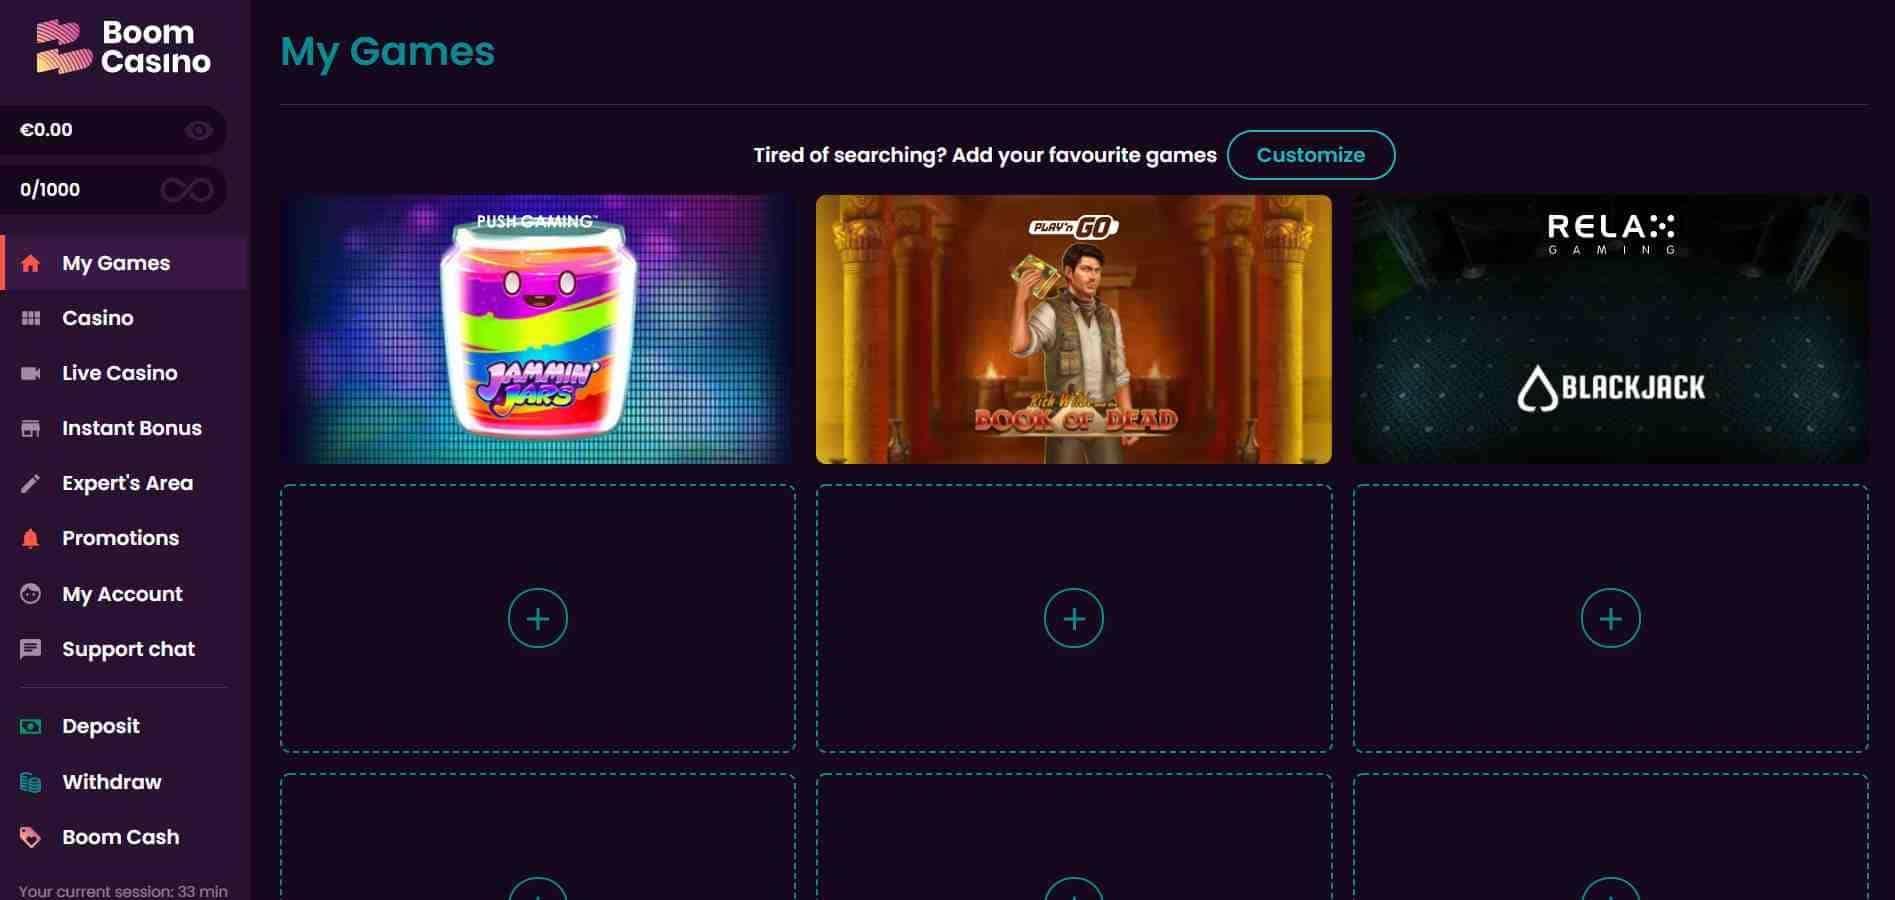 Boom Casino Home Page